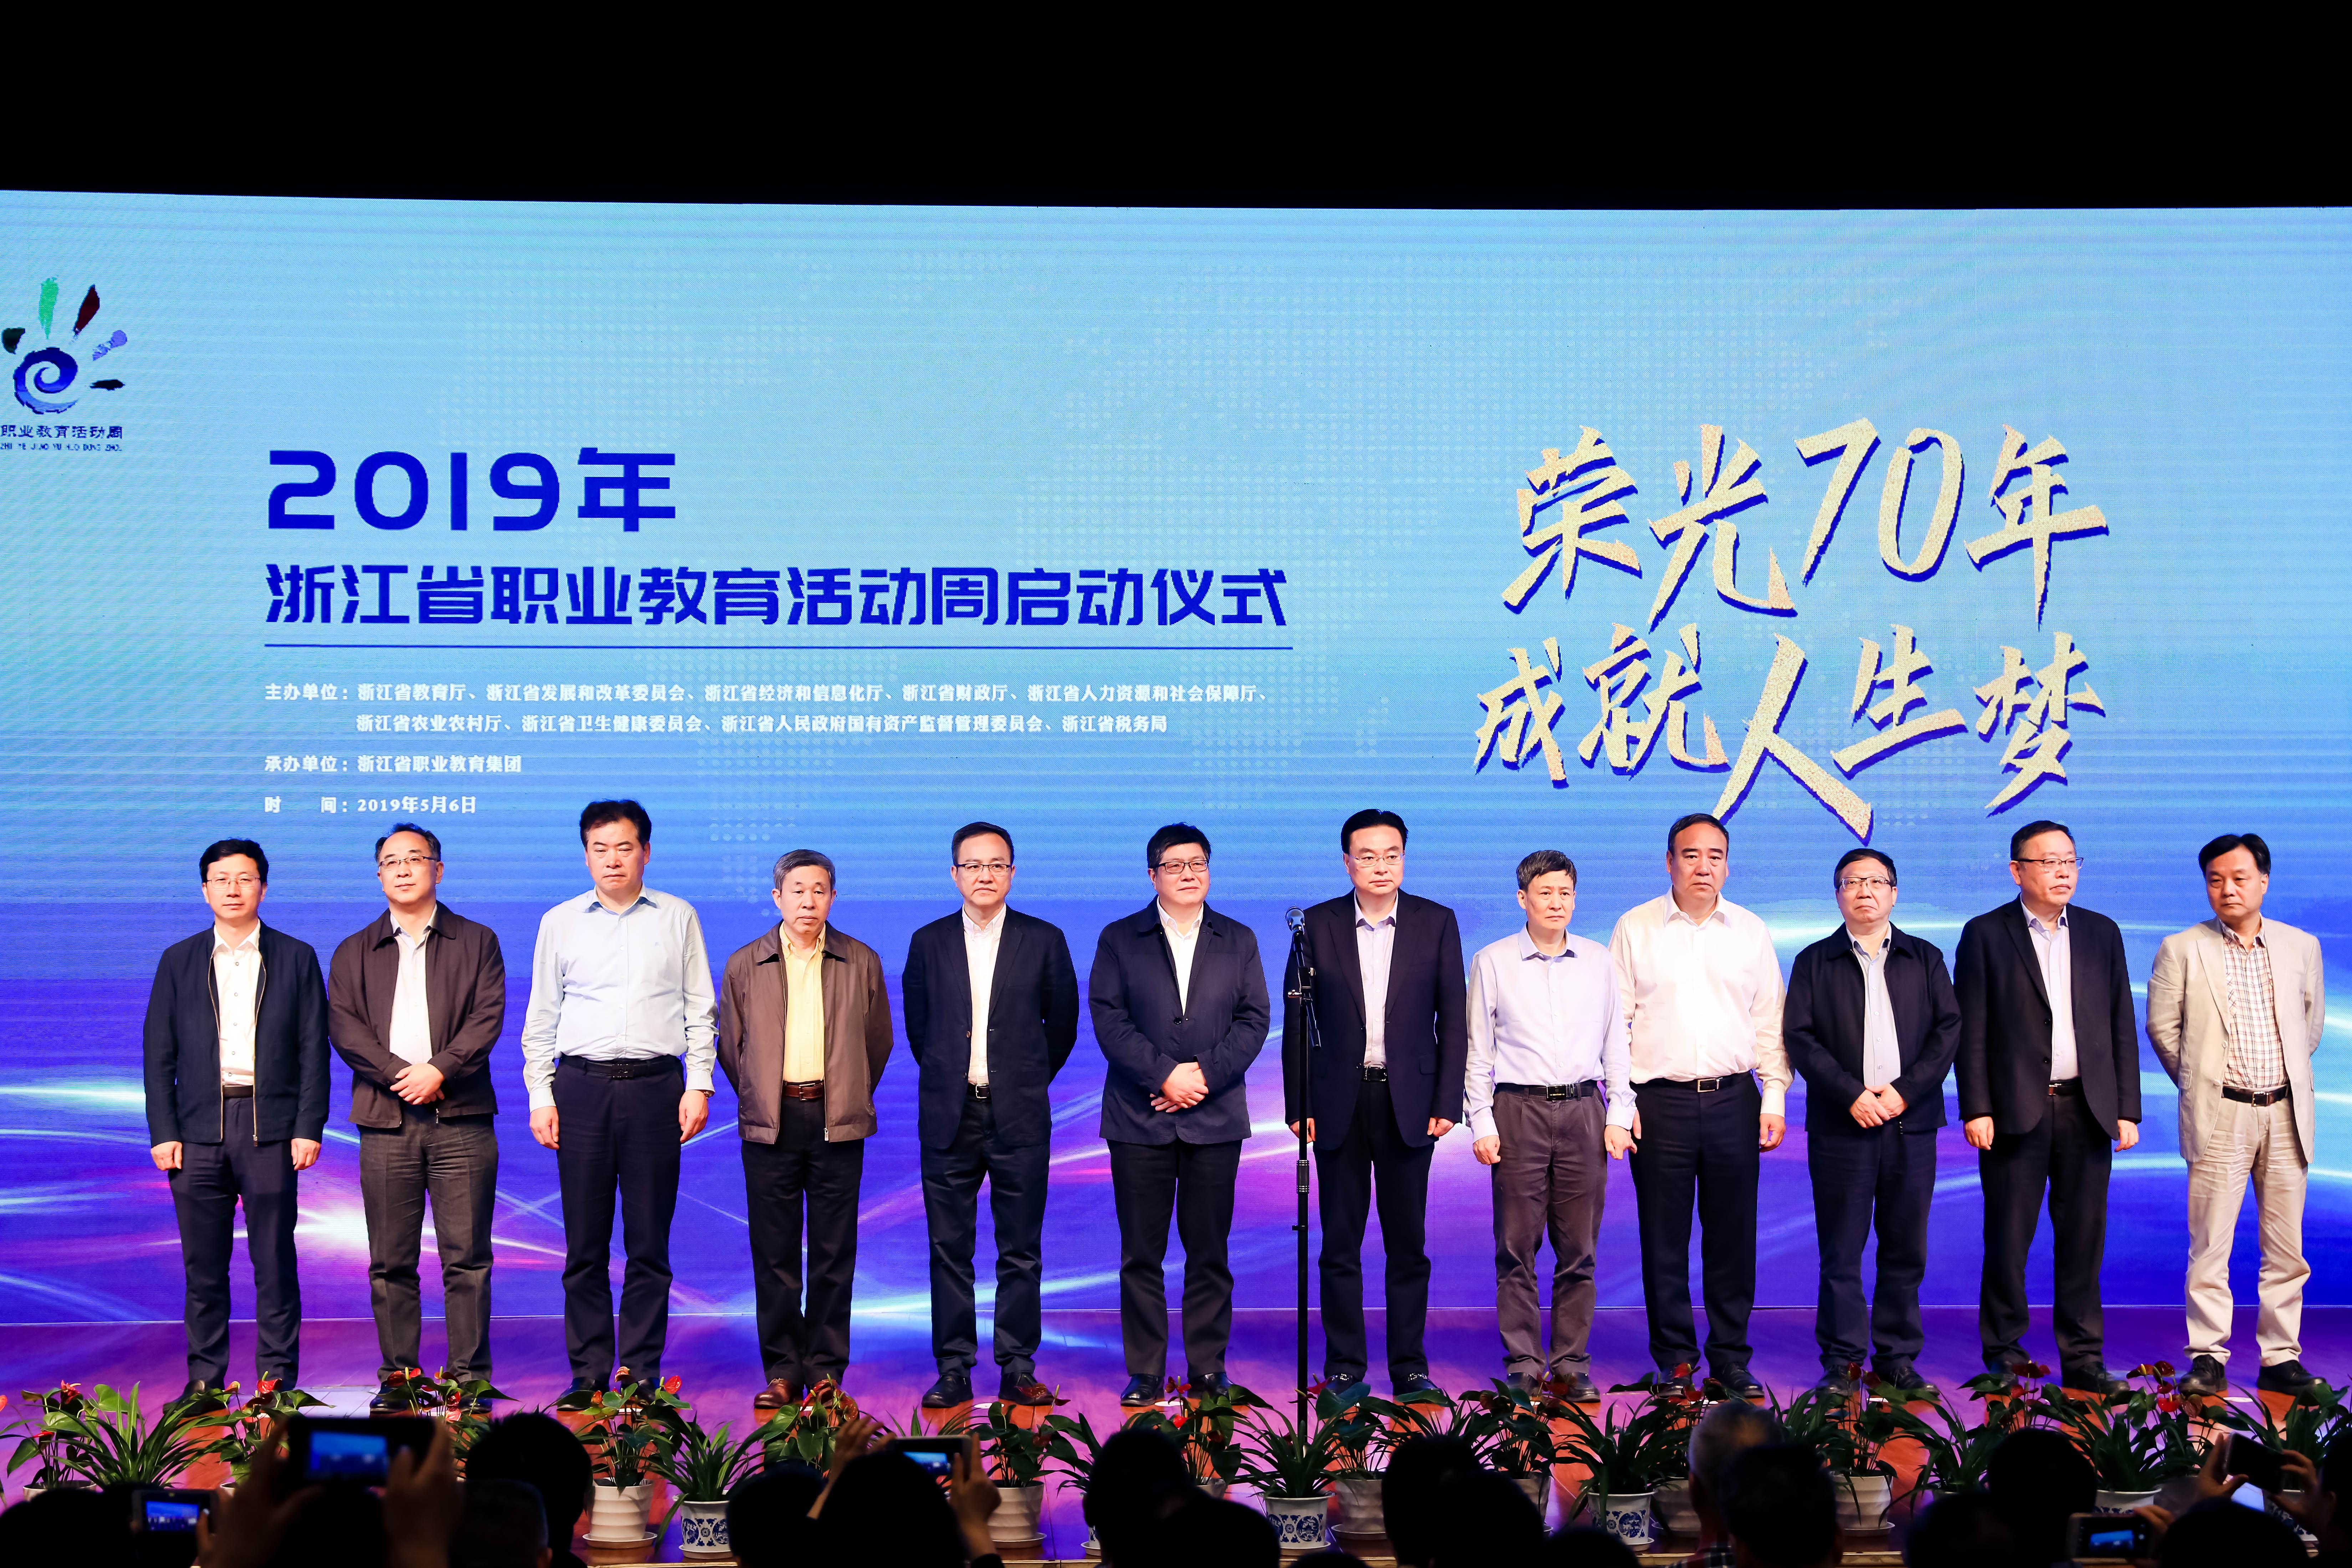 集团承办2019年浙江省职业教育活动周启动仪式